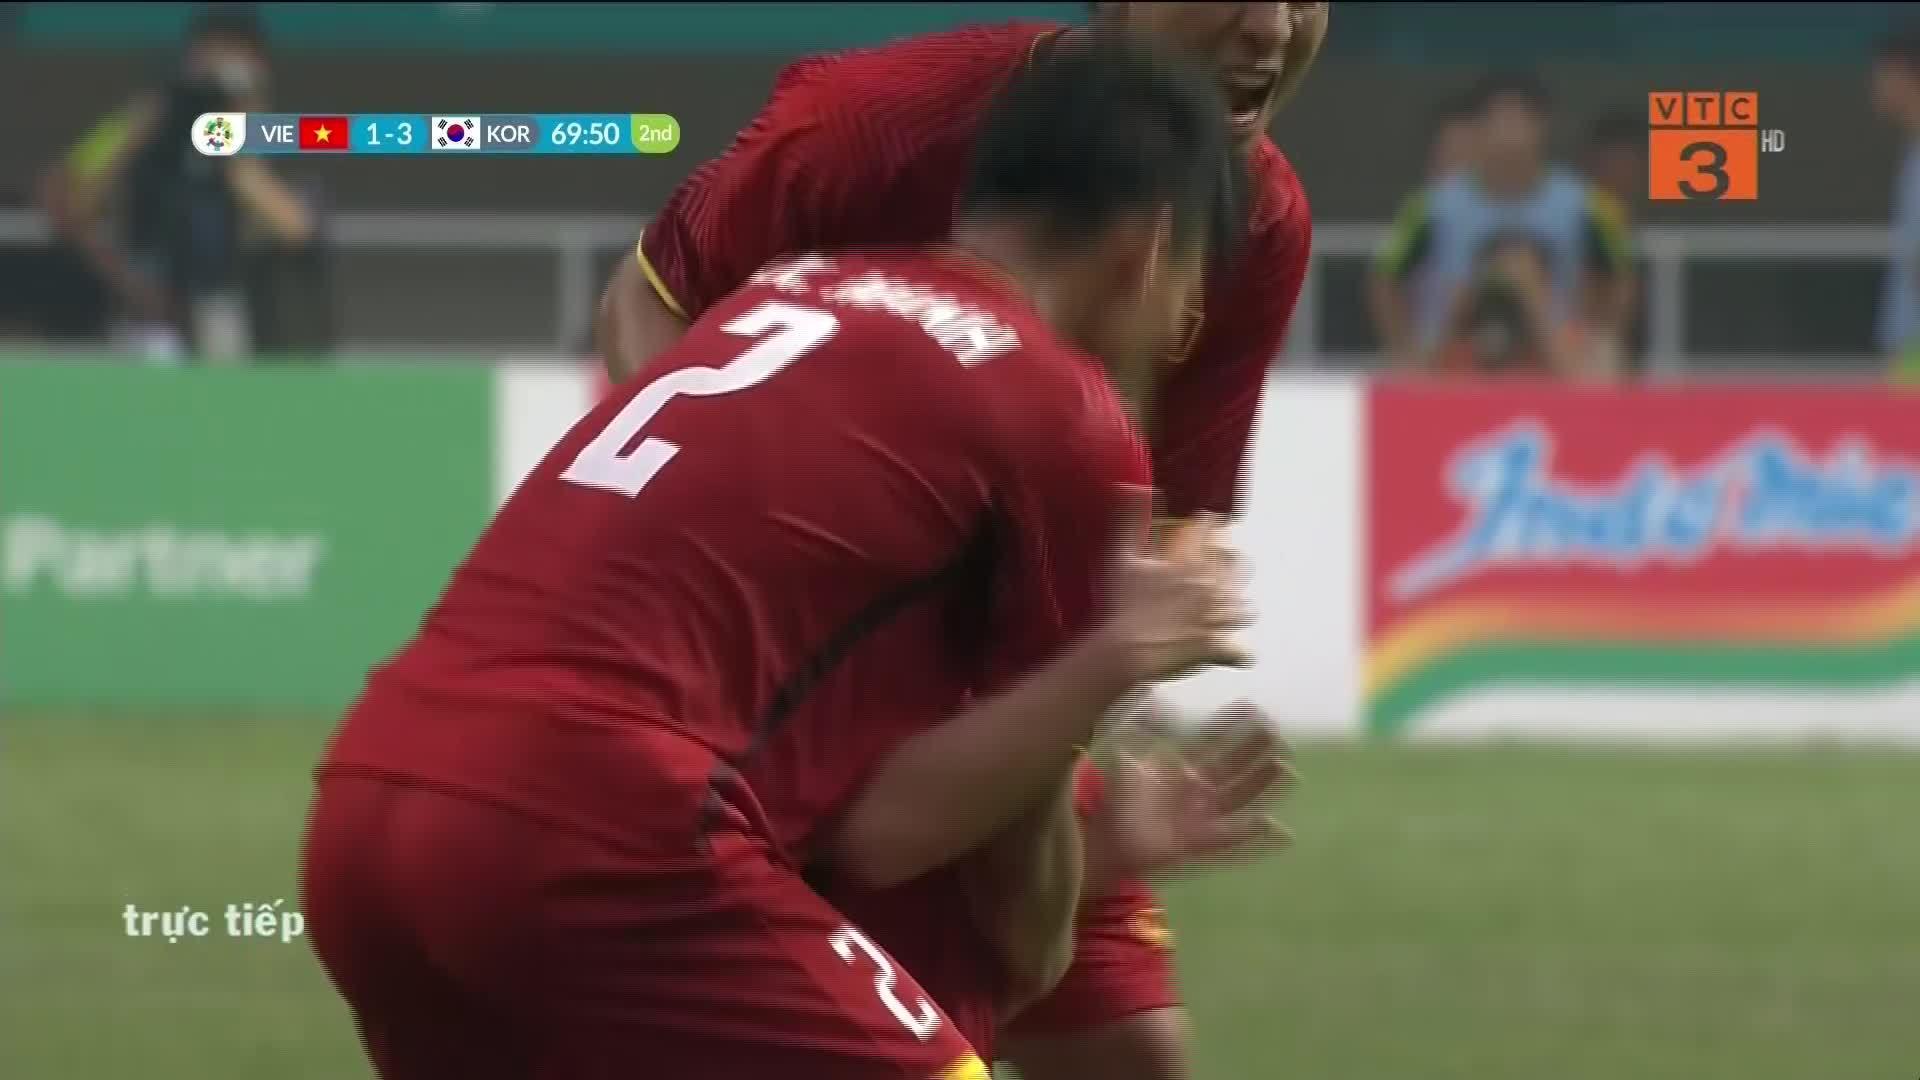 Việt Nam rút ngắn tỷ số còn 1-3